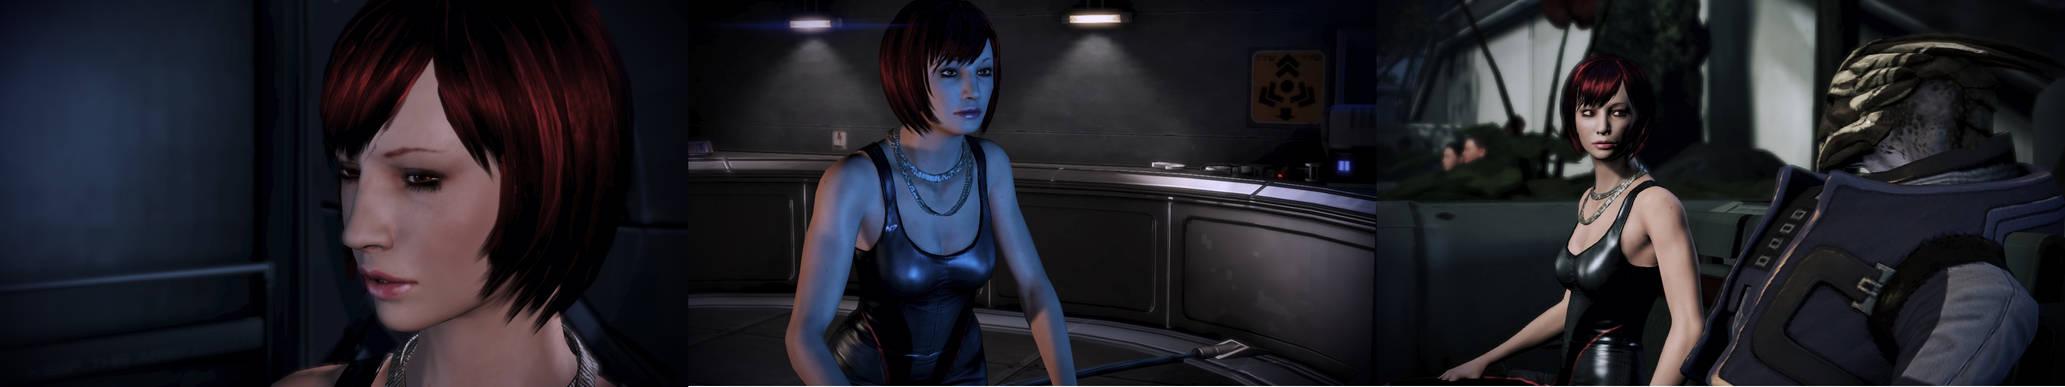 ME3 My Female Shepard Engineer